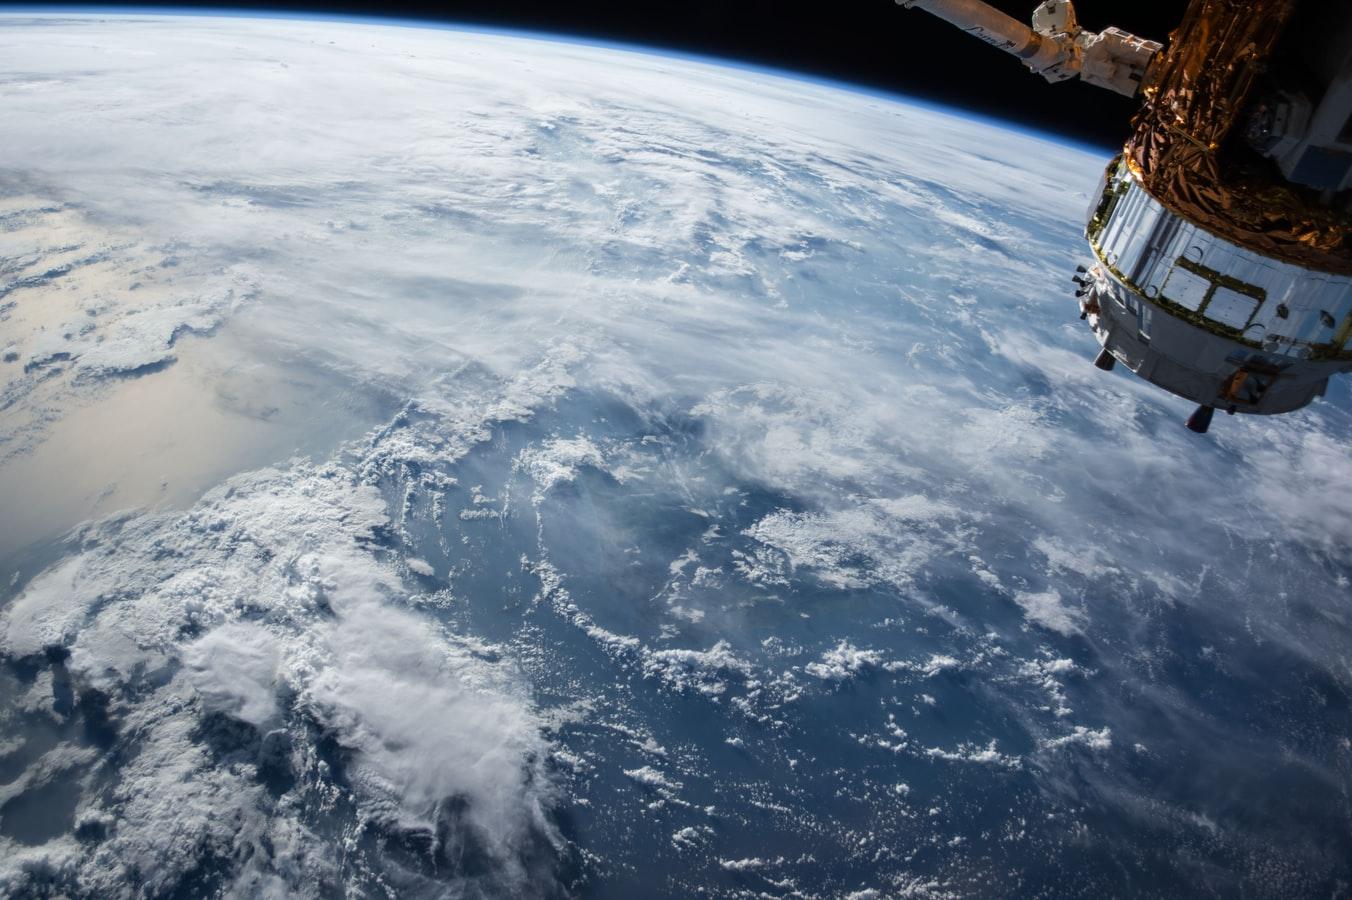 中美太空戰!中國「北斗衛星」力拼取代GPS 亞太地區定位更準確